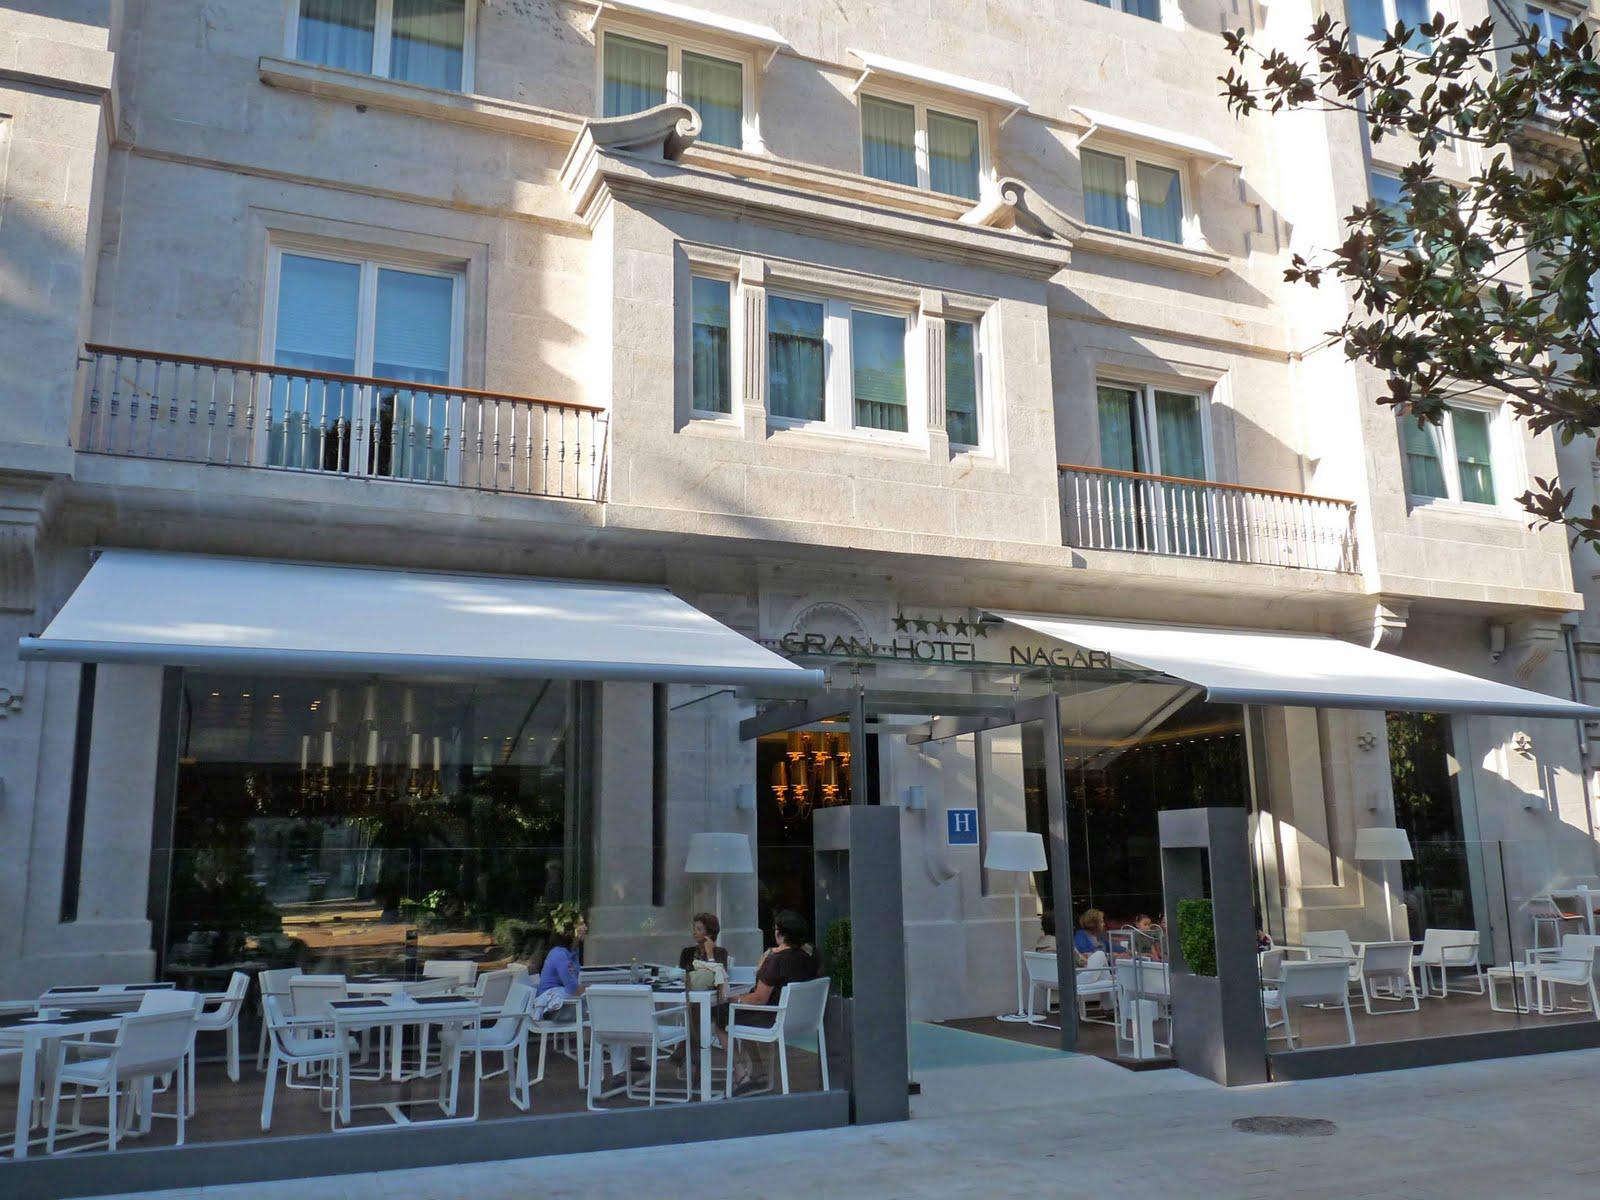 gran hotel nagari de mar a otero y fefa cid arquitectura